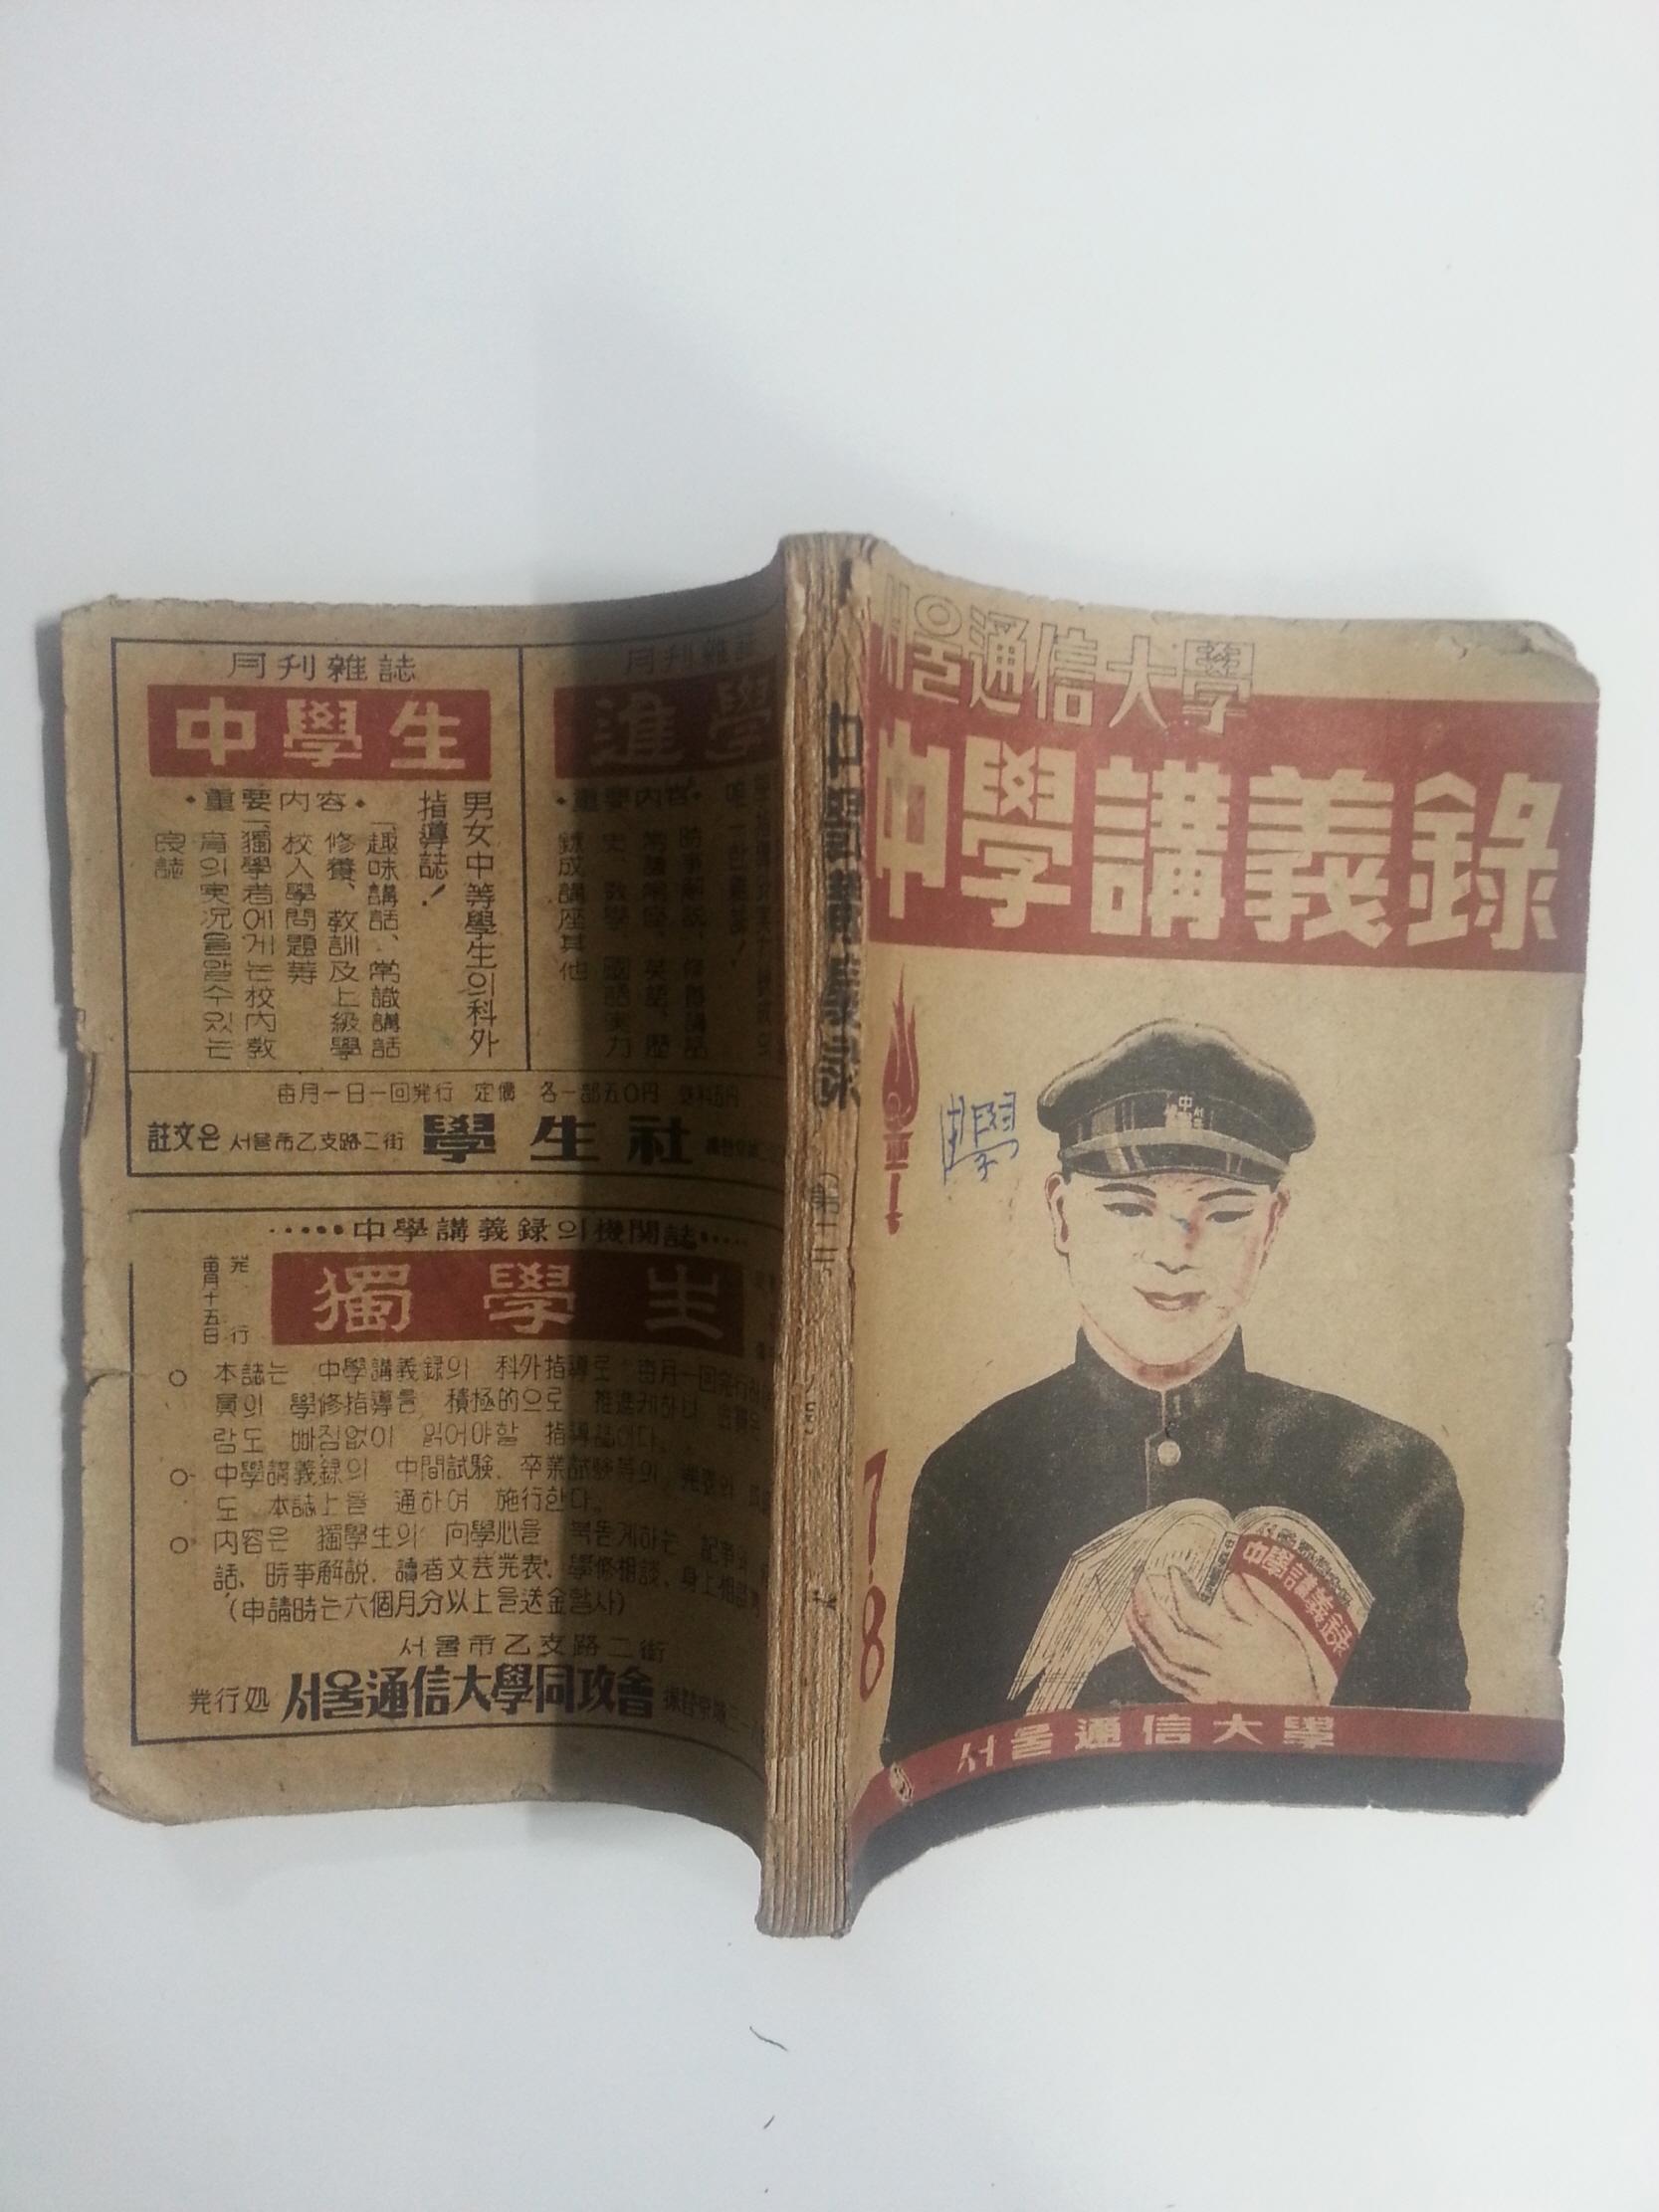 서울통신대학 중학강의록 제2회 7,8호 (1948년)